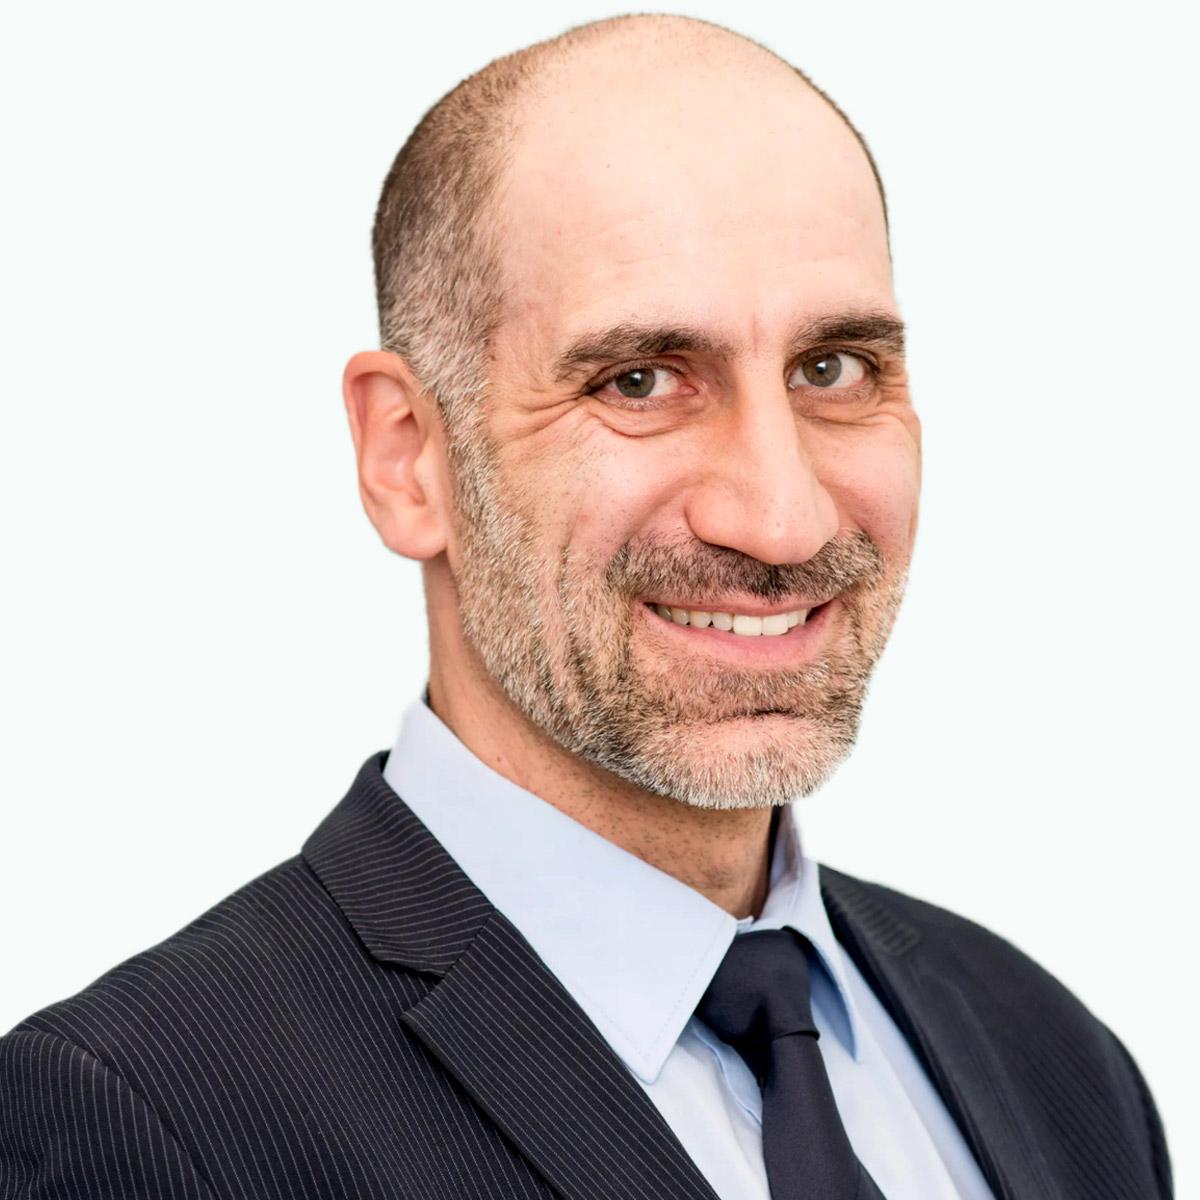 Univ. Doz. Dr. med. Christian Joukhadar